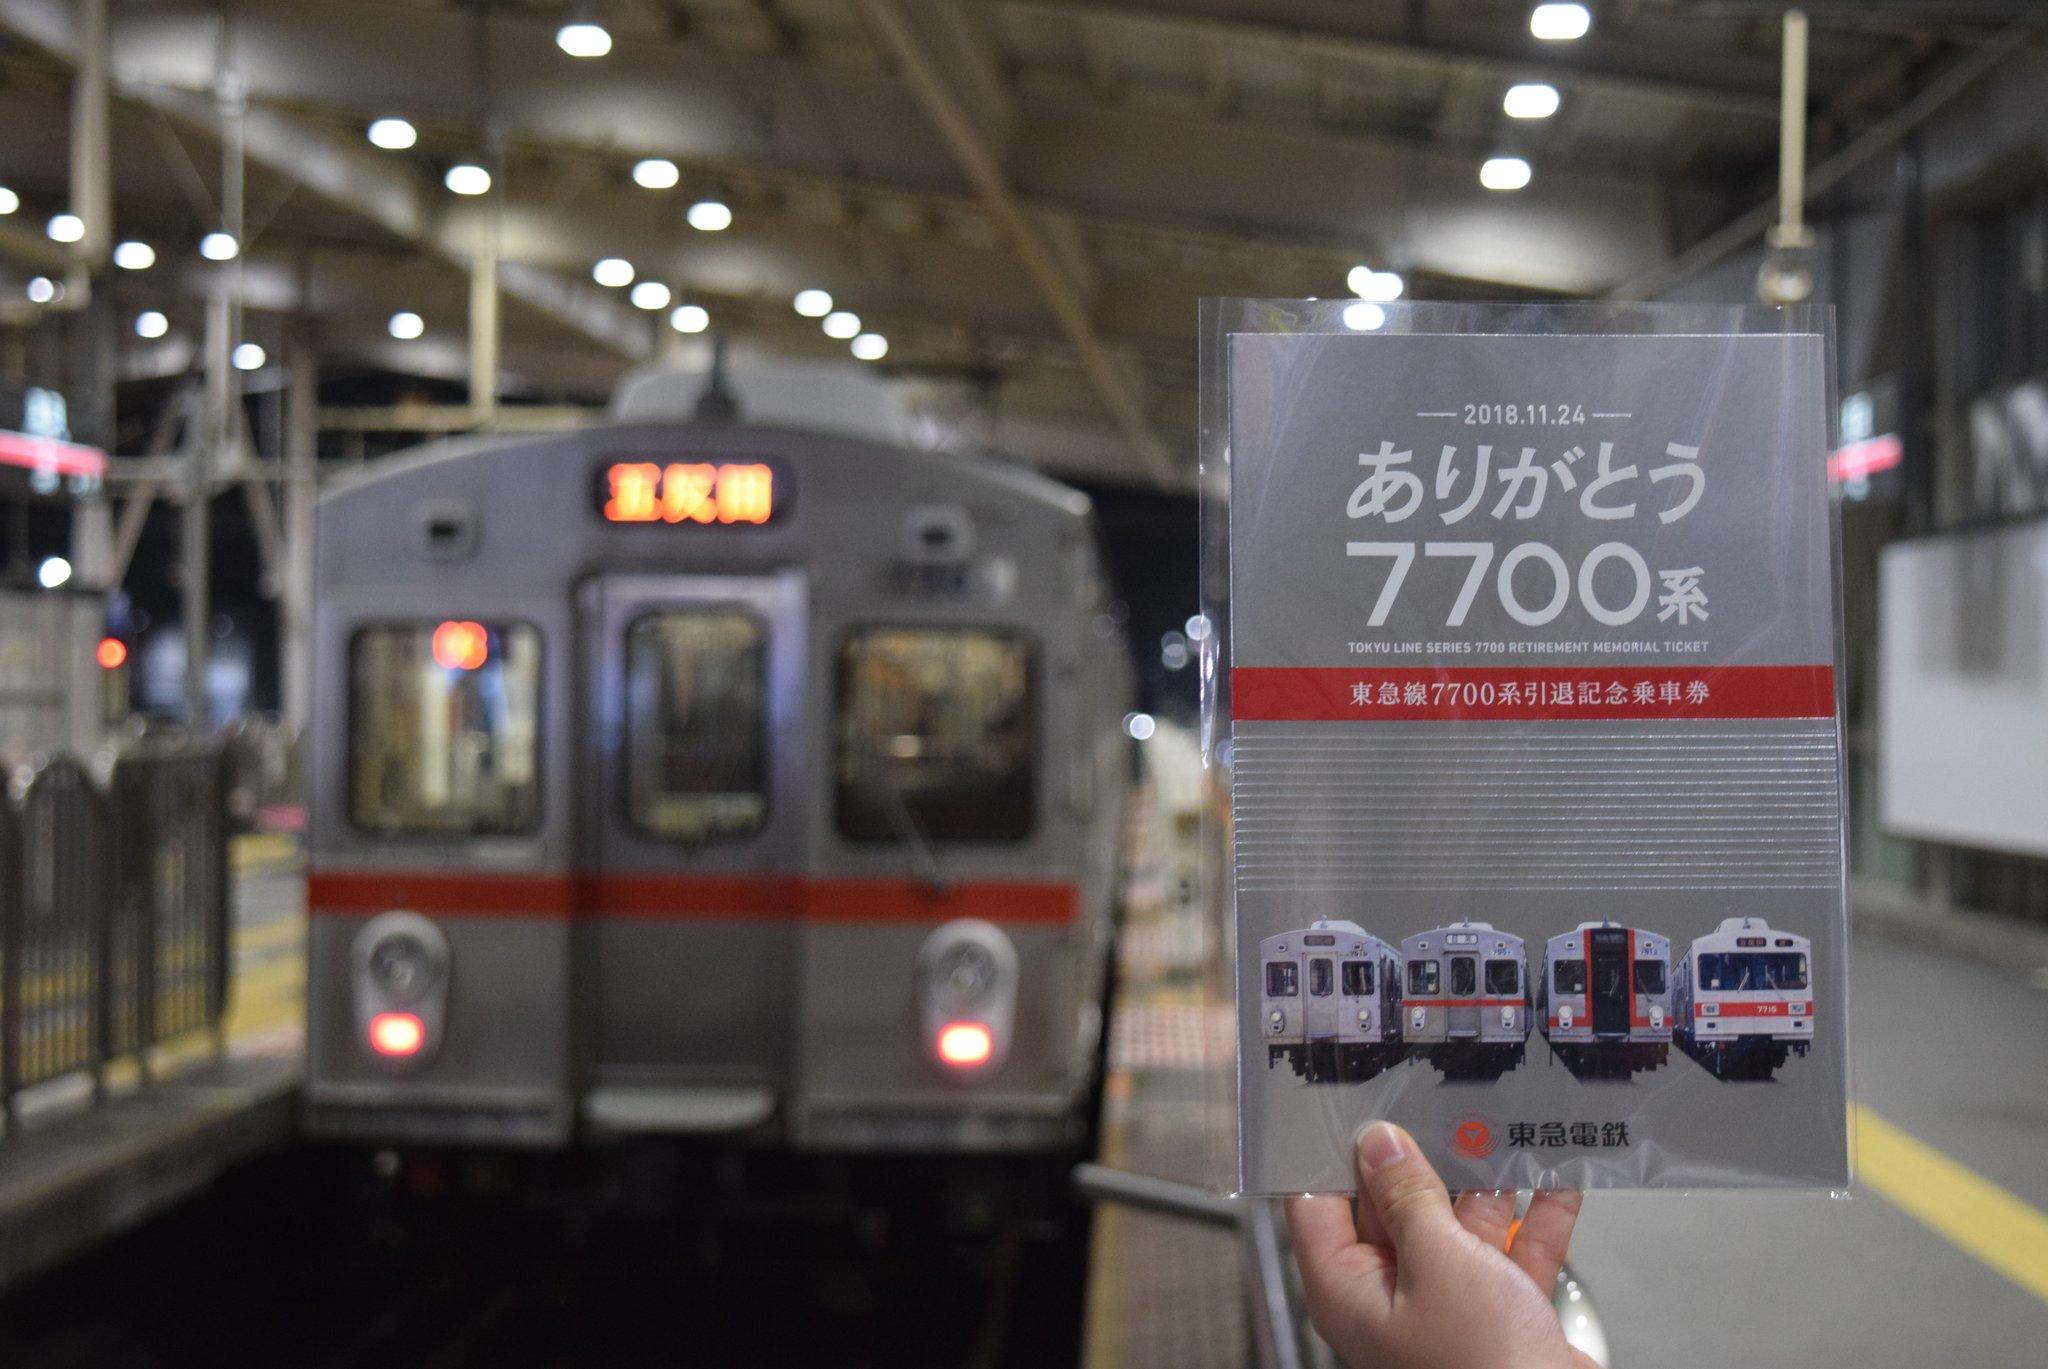 画像,東急7700系引退記念乗車券買えました! https://t.co/pguhoueQDu。